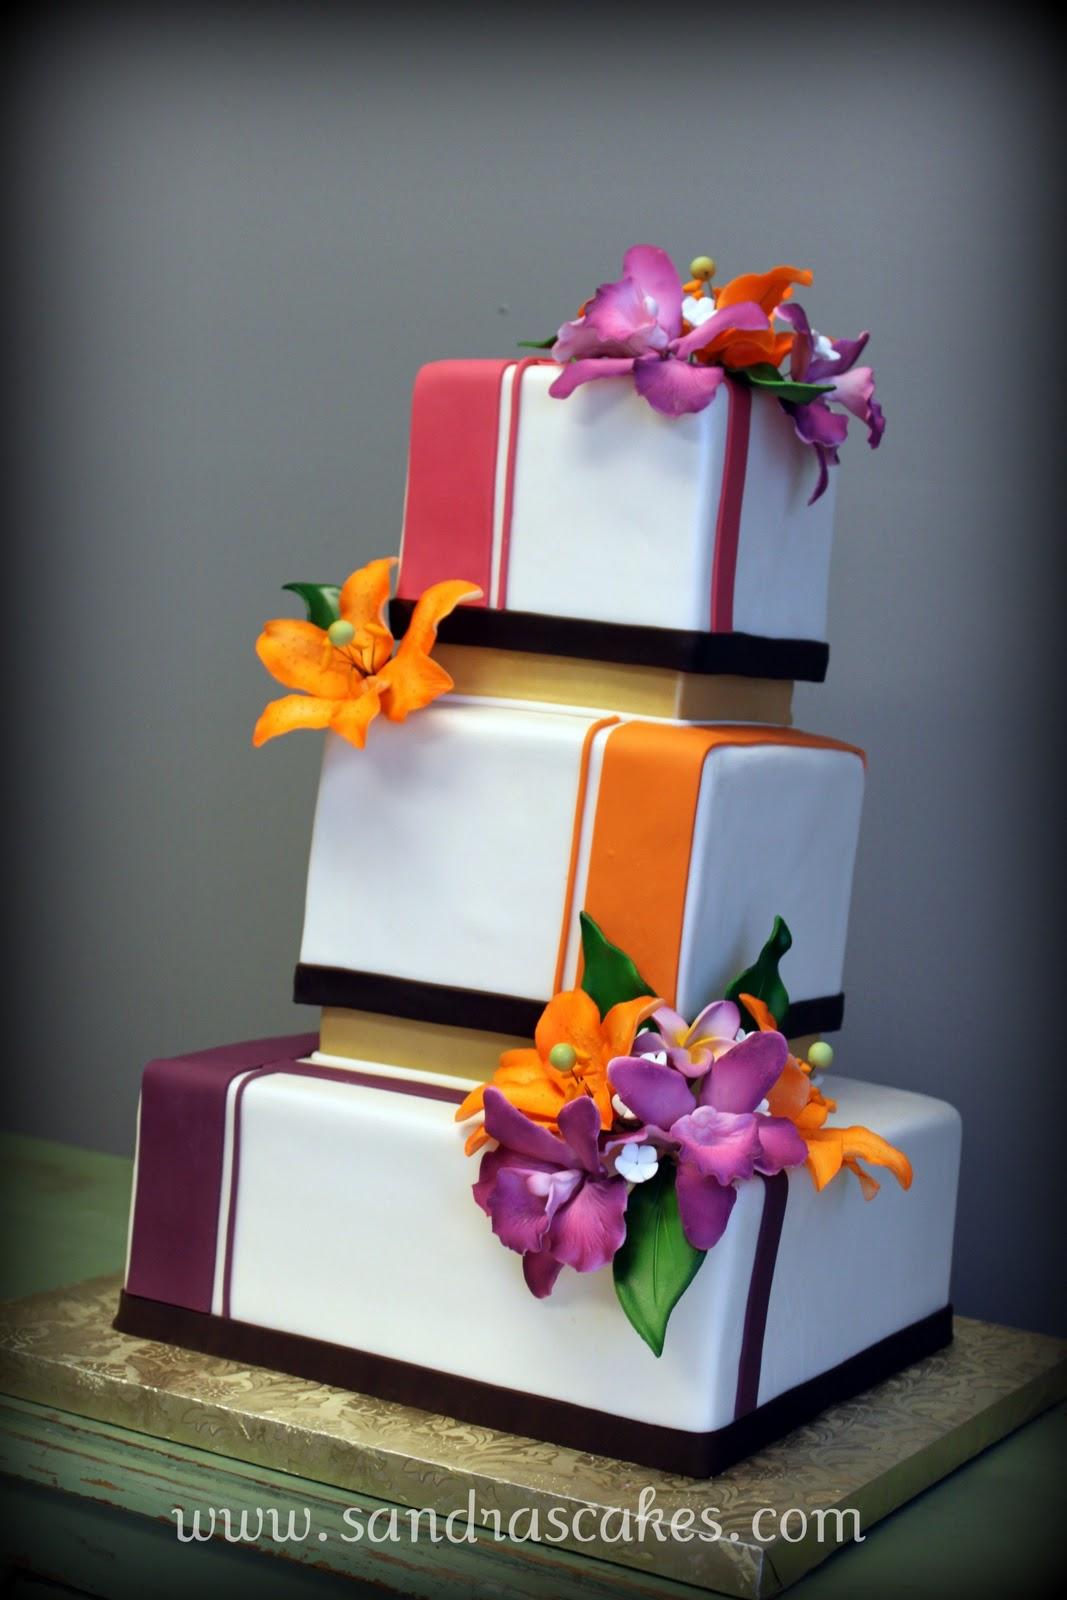 On Birthday Cakes Exquisite Wedding Cakes